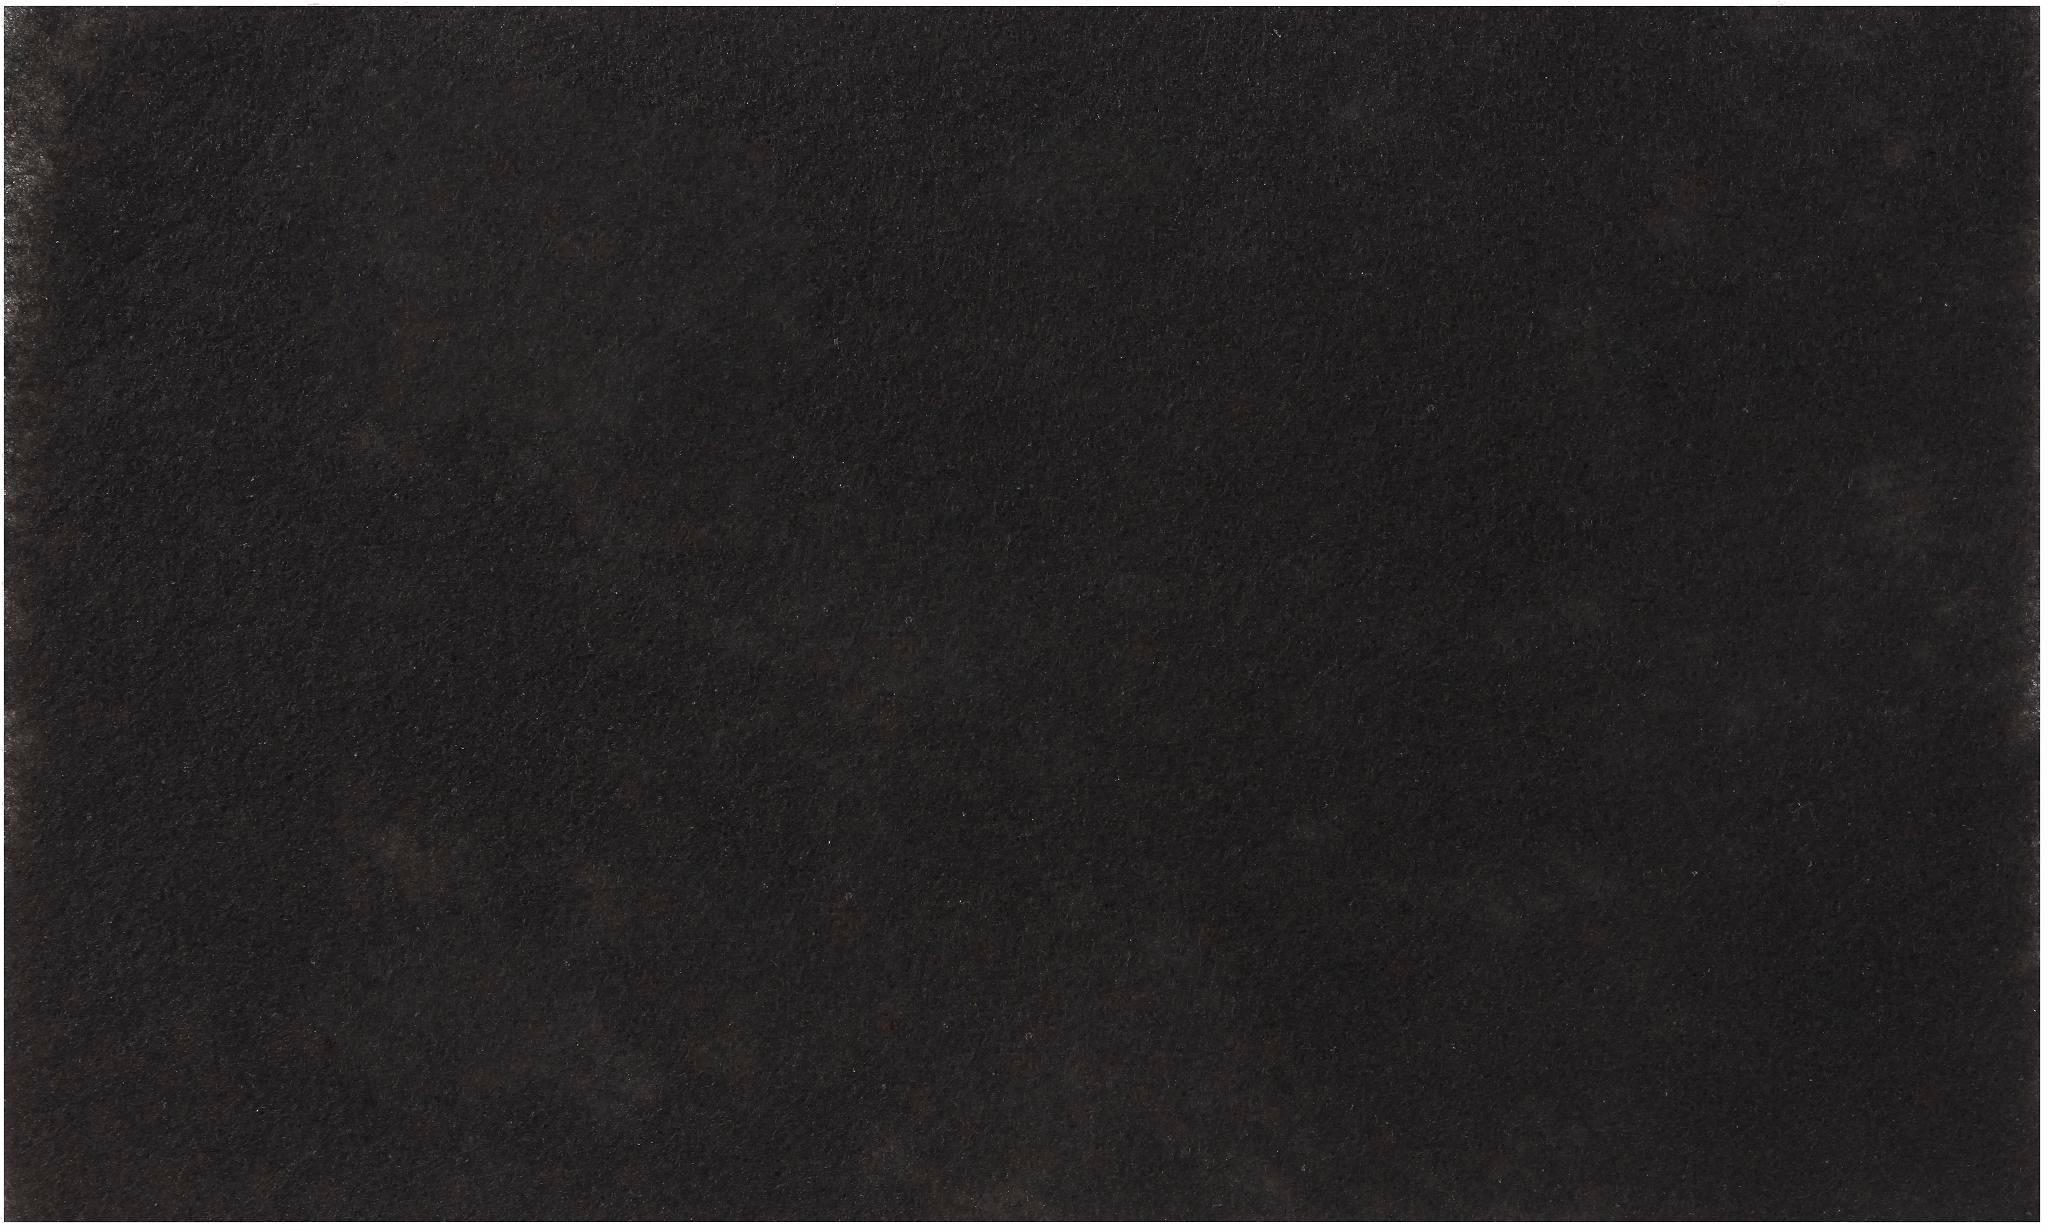 HELD MÖBEL Aktiv-Kohlefilter CF152 Technik & Freizeit/Elektrogeräte/Haushaltsgeräte/Dunstabzugshauben/Zubehör für Dunstabzugshauben